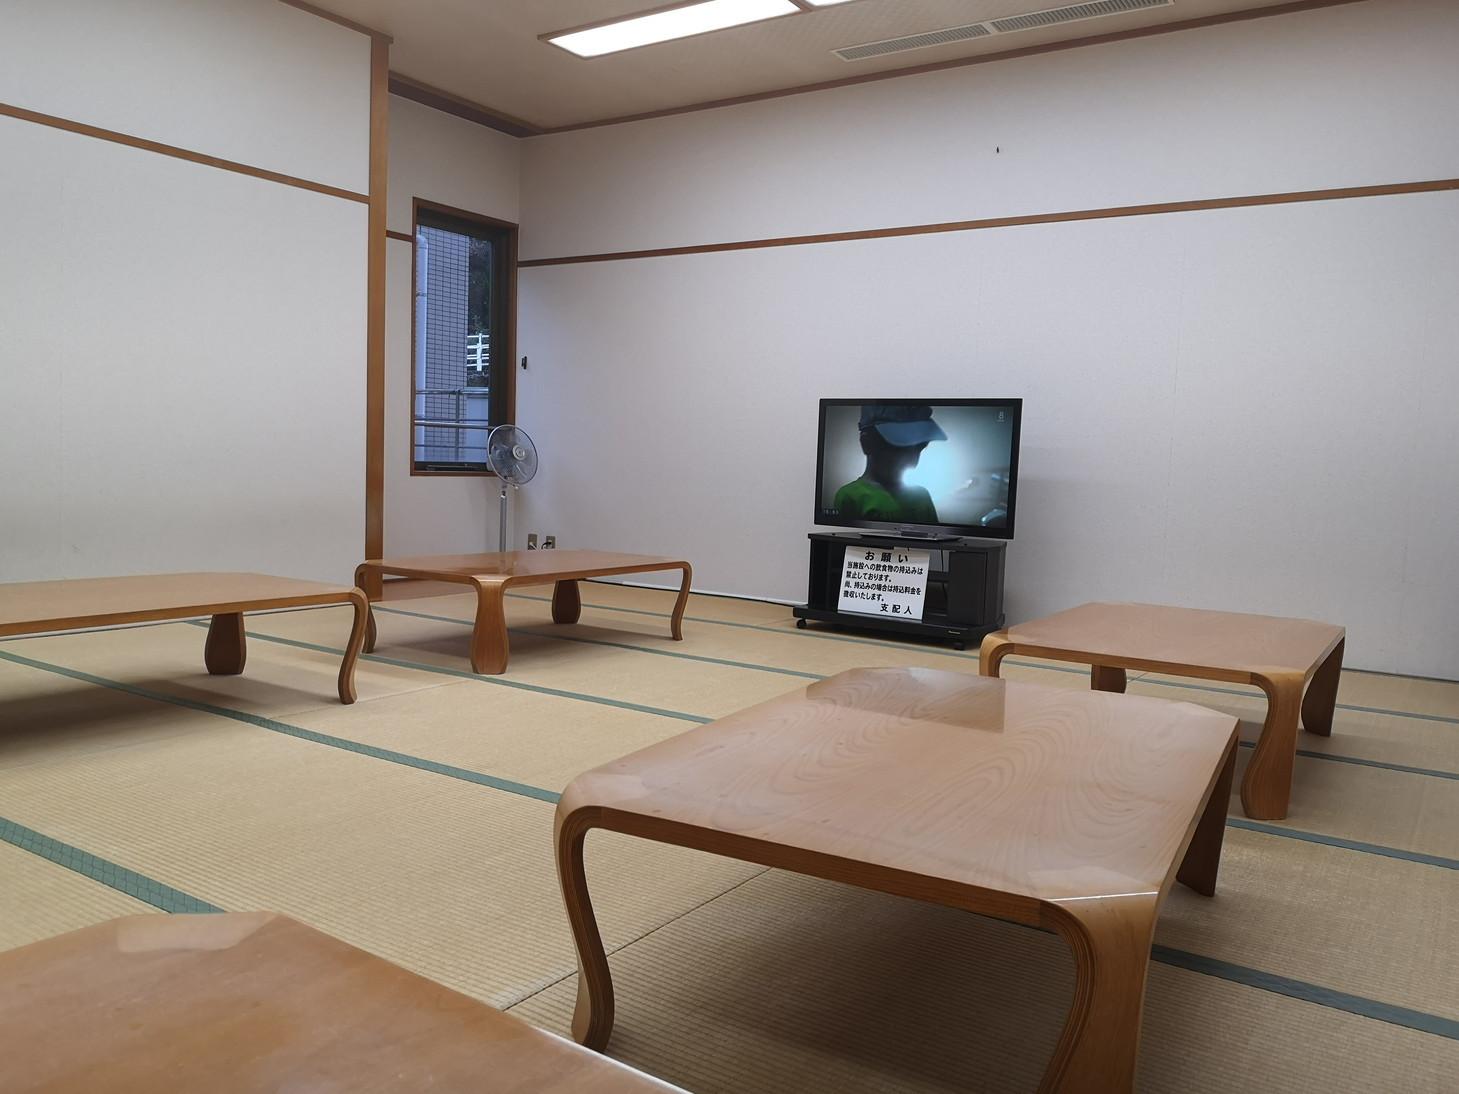 20191219_和気鵜飼谷温泉 (16)